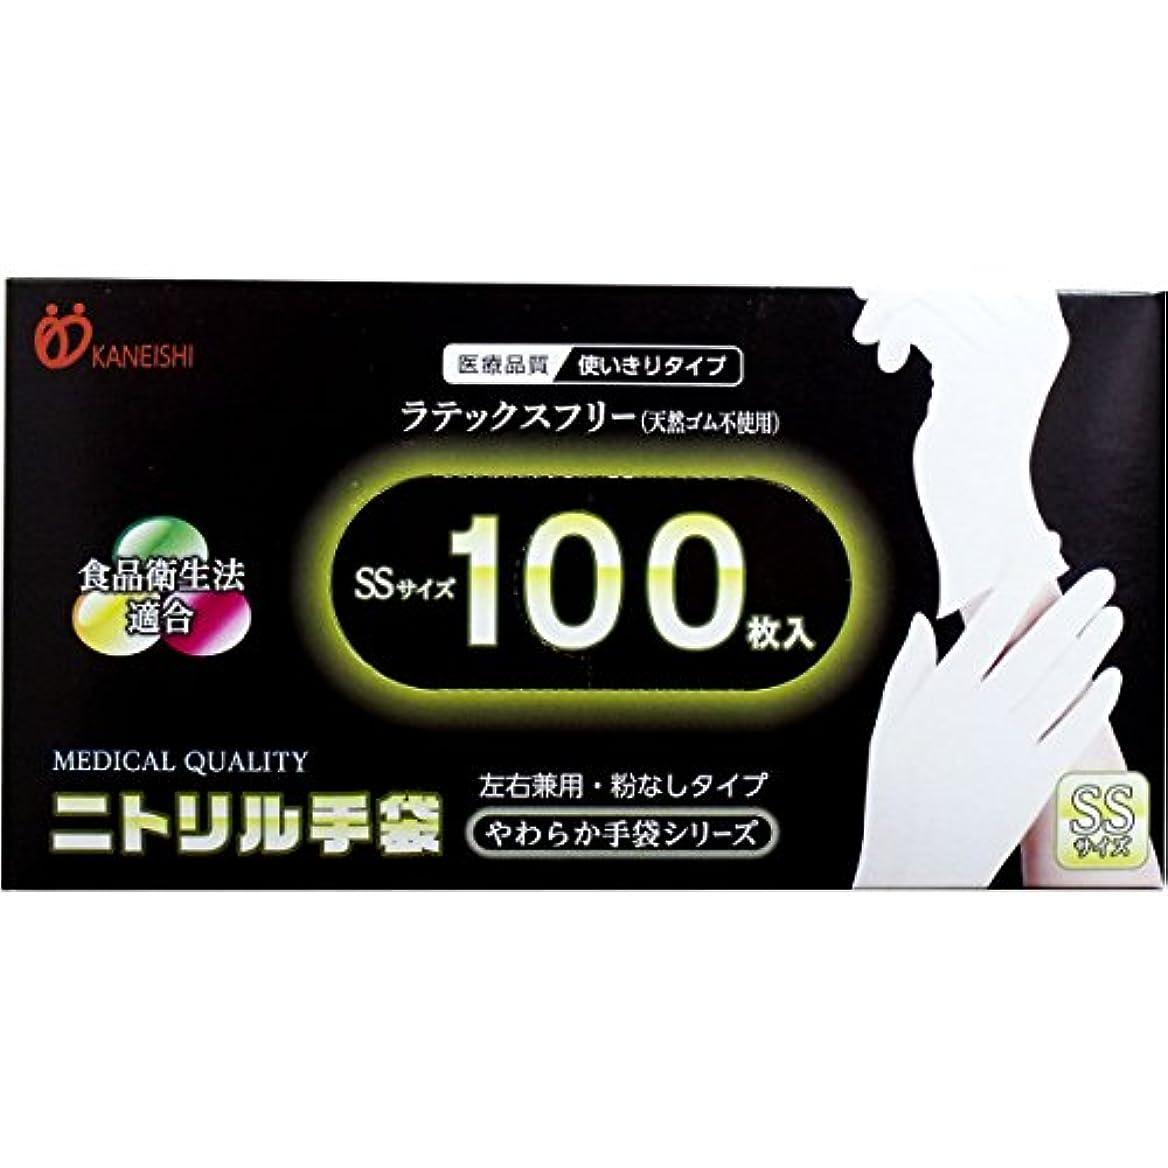 思い出出力バンジョー天然ゴム 手袋 指先の感覚を大切に 衛生的 やわらかニトリル手袋 パウダーフリー 100枚入 SSサイズ